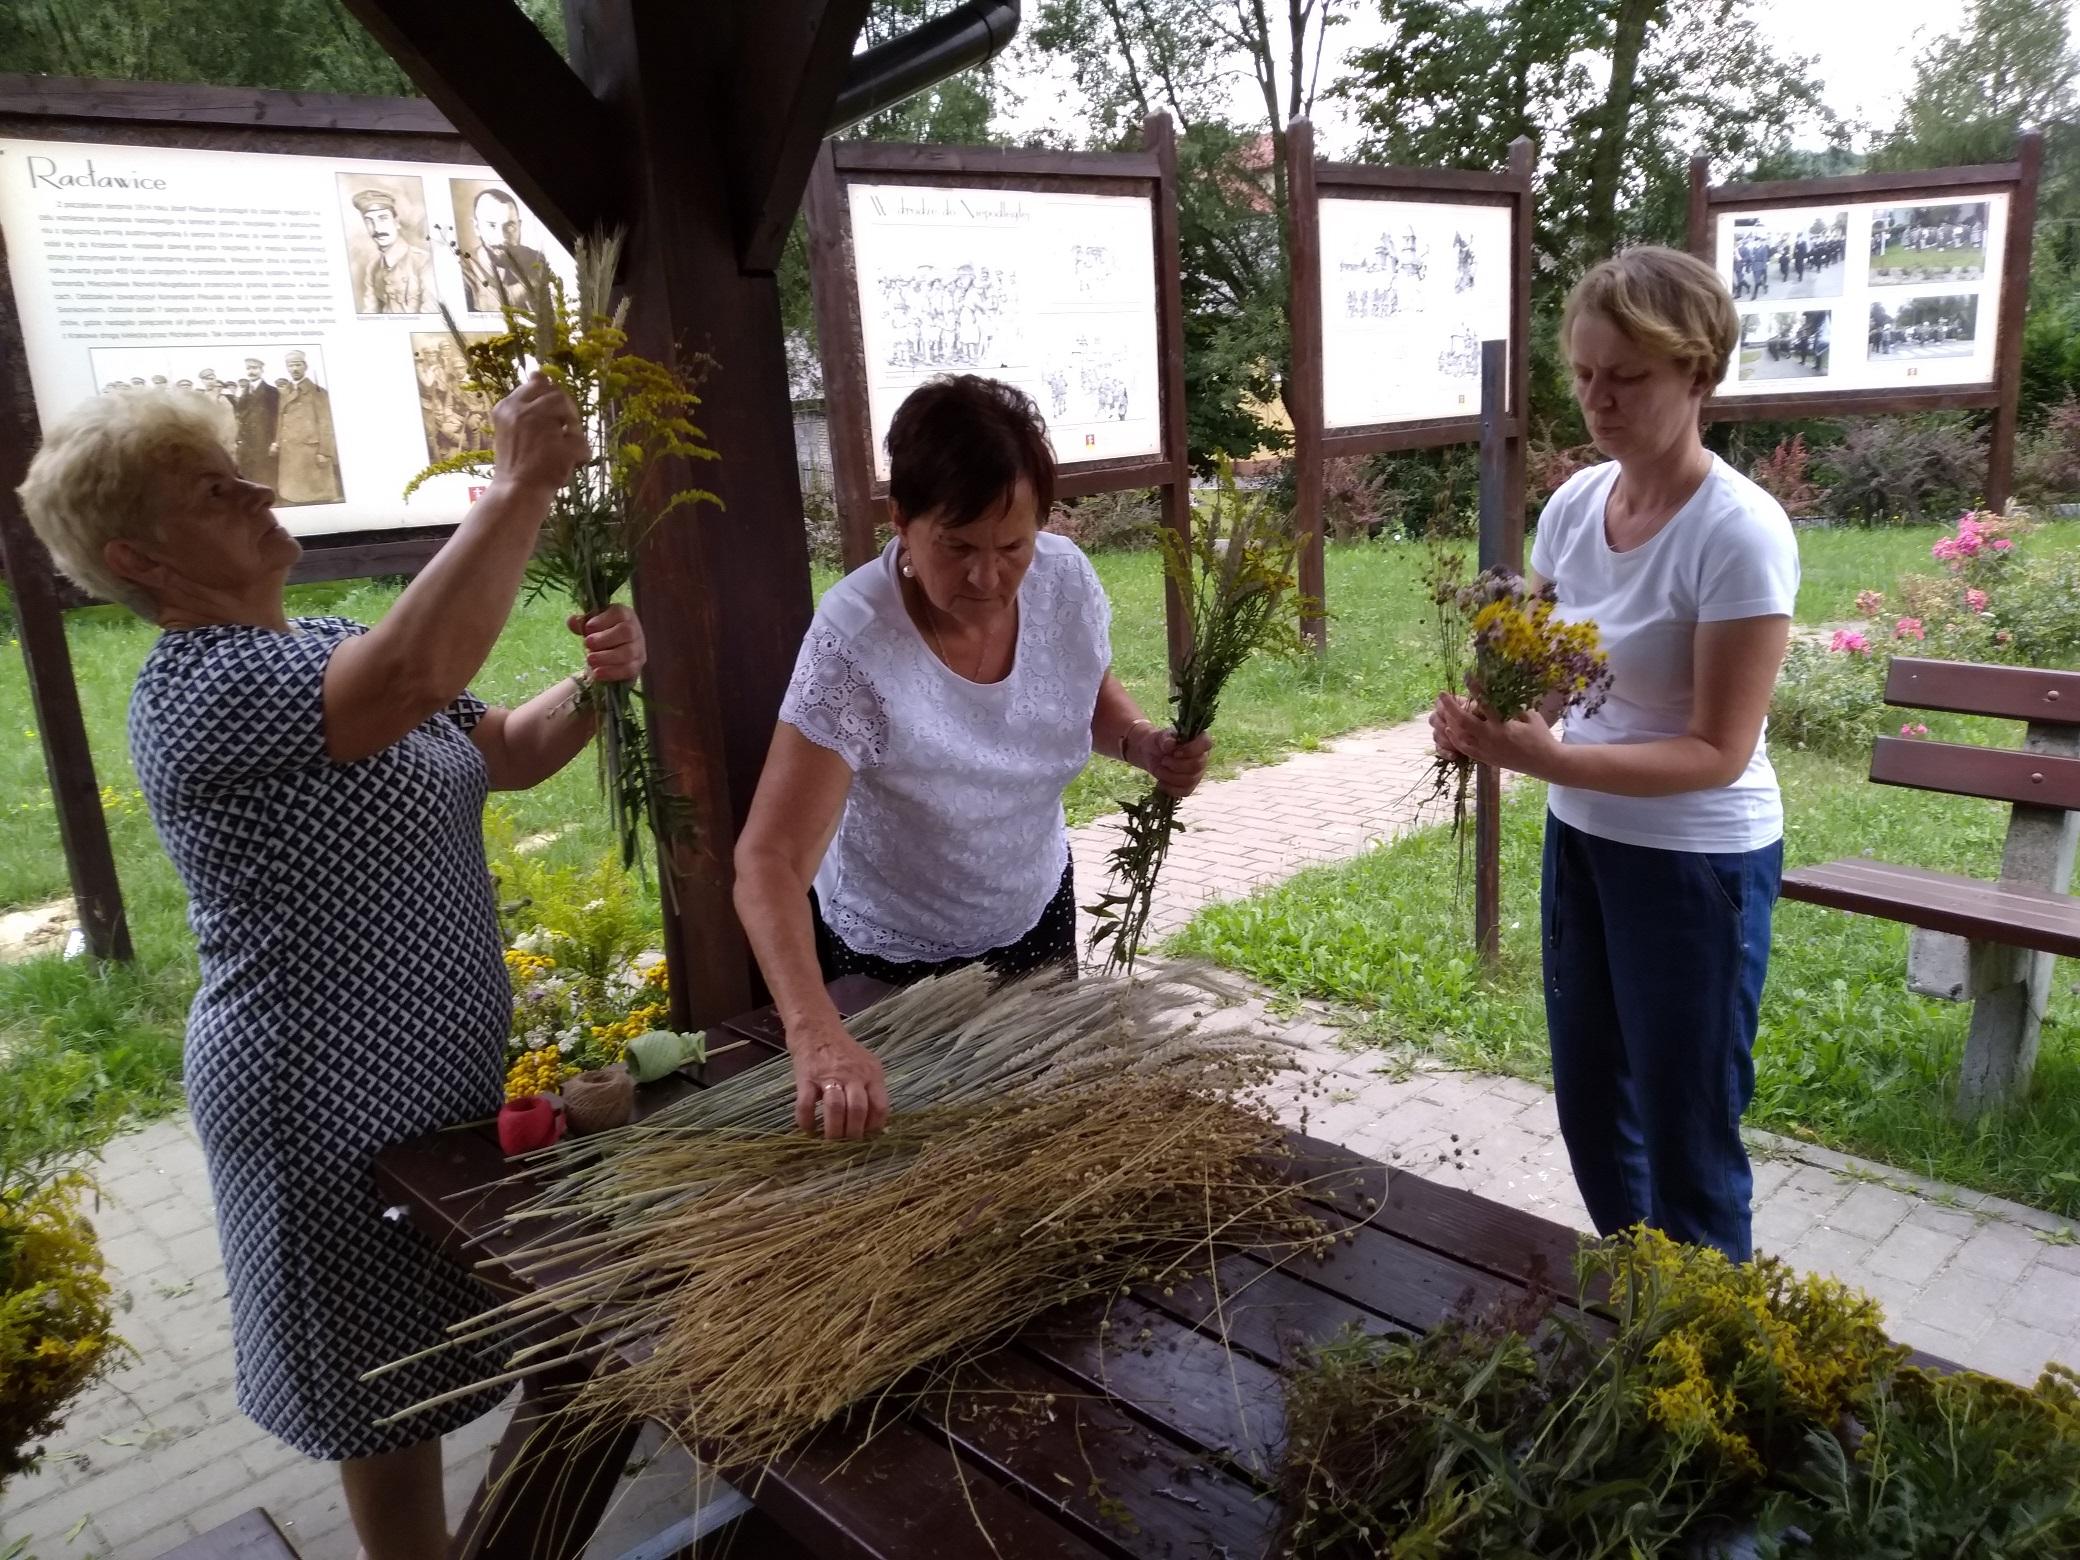 na drewnianym stole leżą wiązki różnych zbóż. Trzy kobiety wybierają poszczególne kłosy i dokładają je do bukietów trzymanych w dłoniach